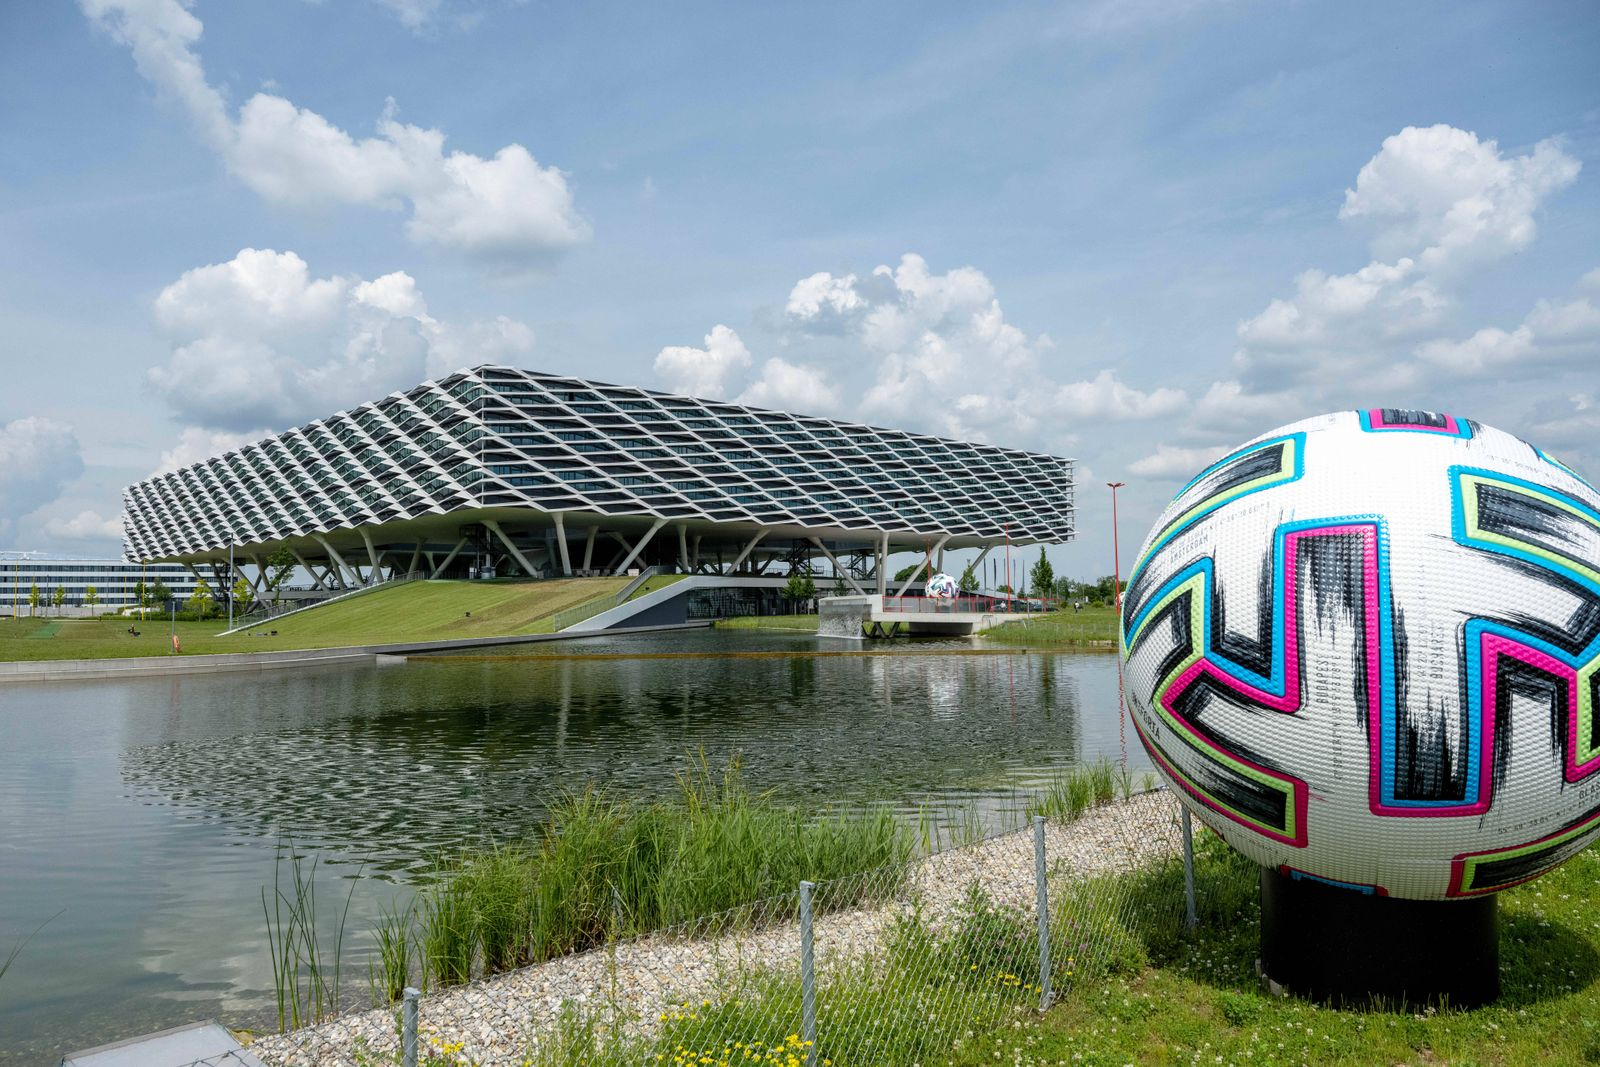 Feature, Symbolbild, Blick auf die adidas Arena und der Offizielle Spielball adidas Uniforia der Euro 2020 in Grossforma